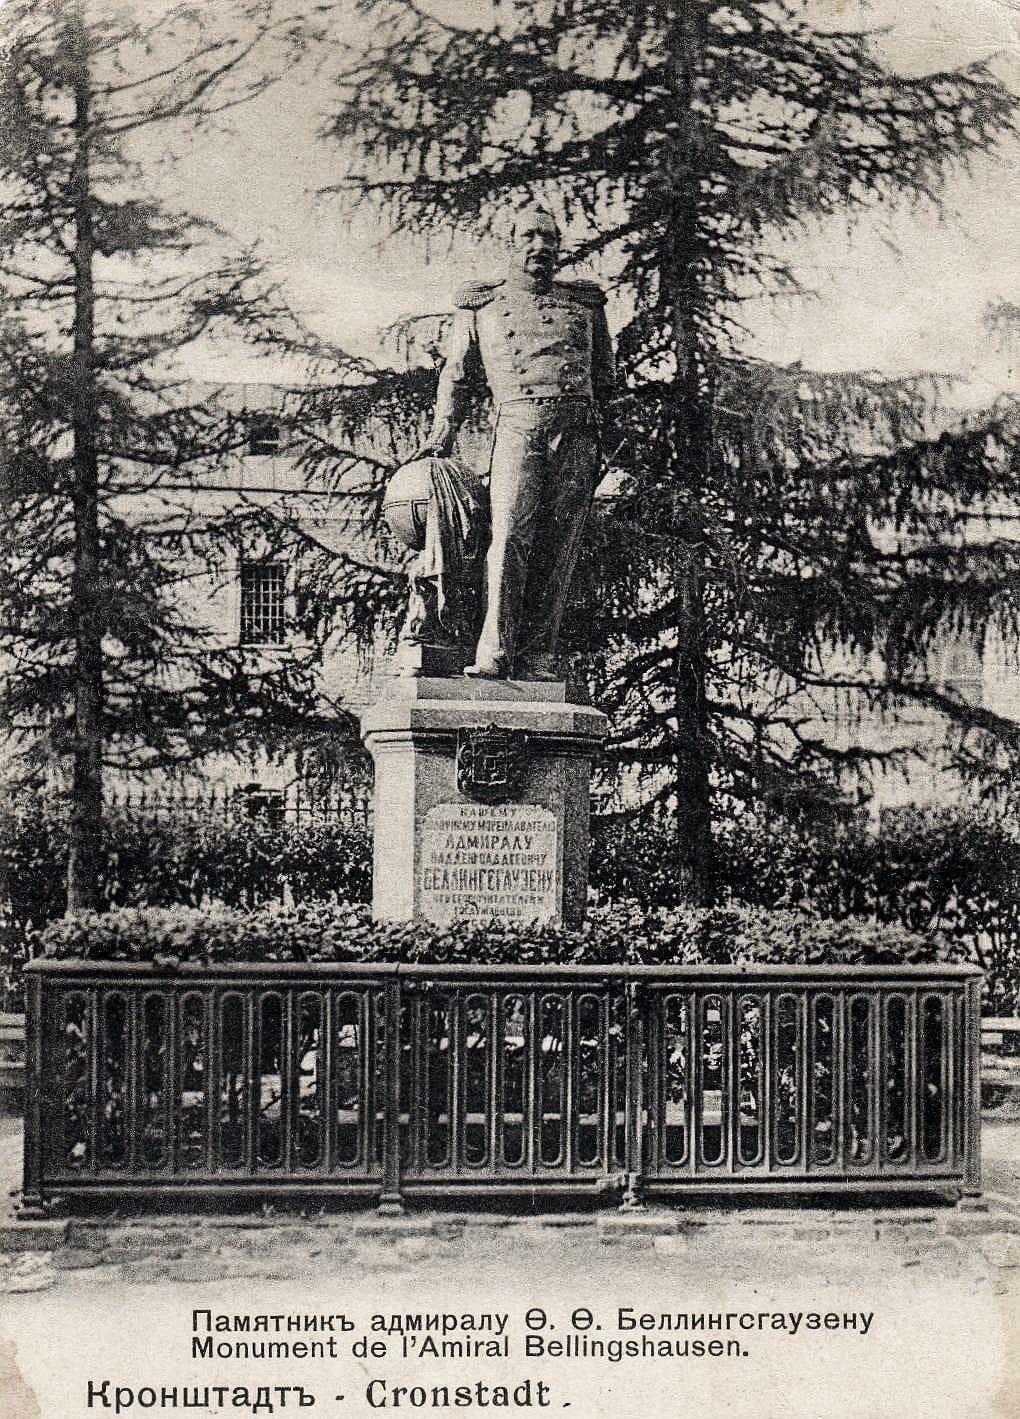 Памятник адмиралу и военному губернатору Кронштадта – Беллингсгаузену Фаддею Фаддеевичу. Памятник открыт в Кронштадте 11 (24) сентября 1870 г.